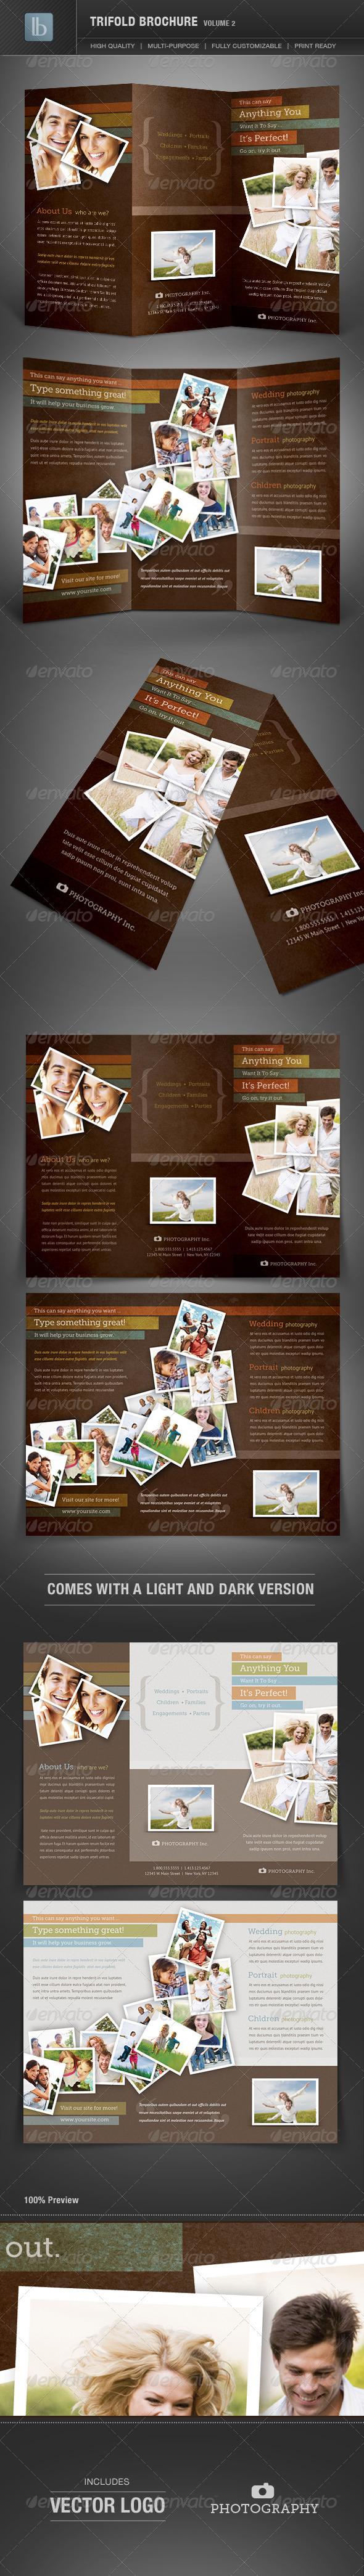 GraphicRiver Trifold Brochure Volume 2 1410248